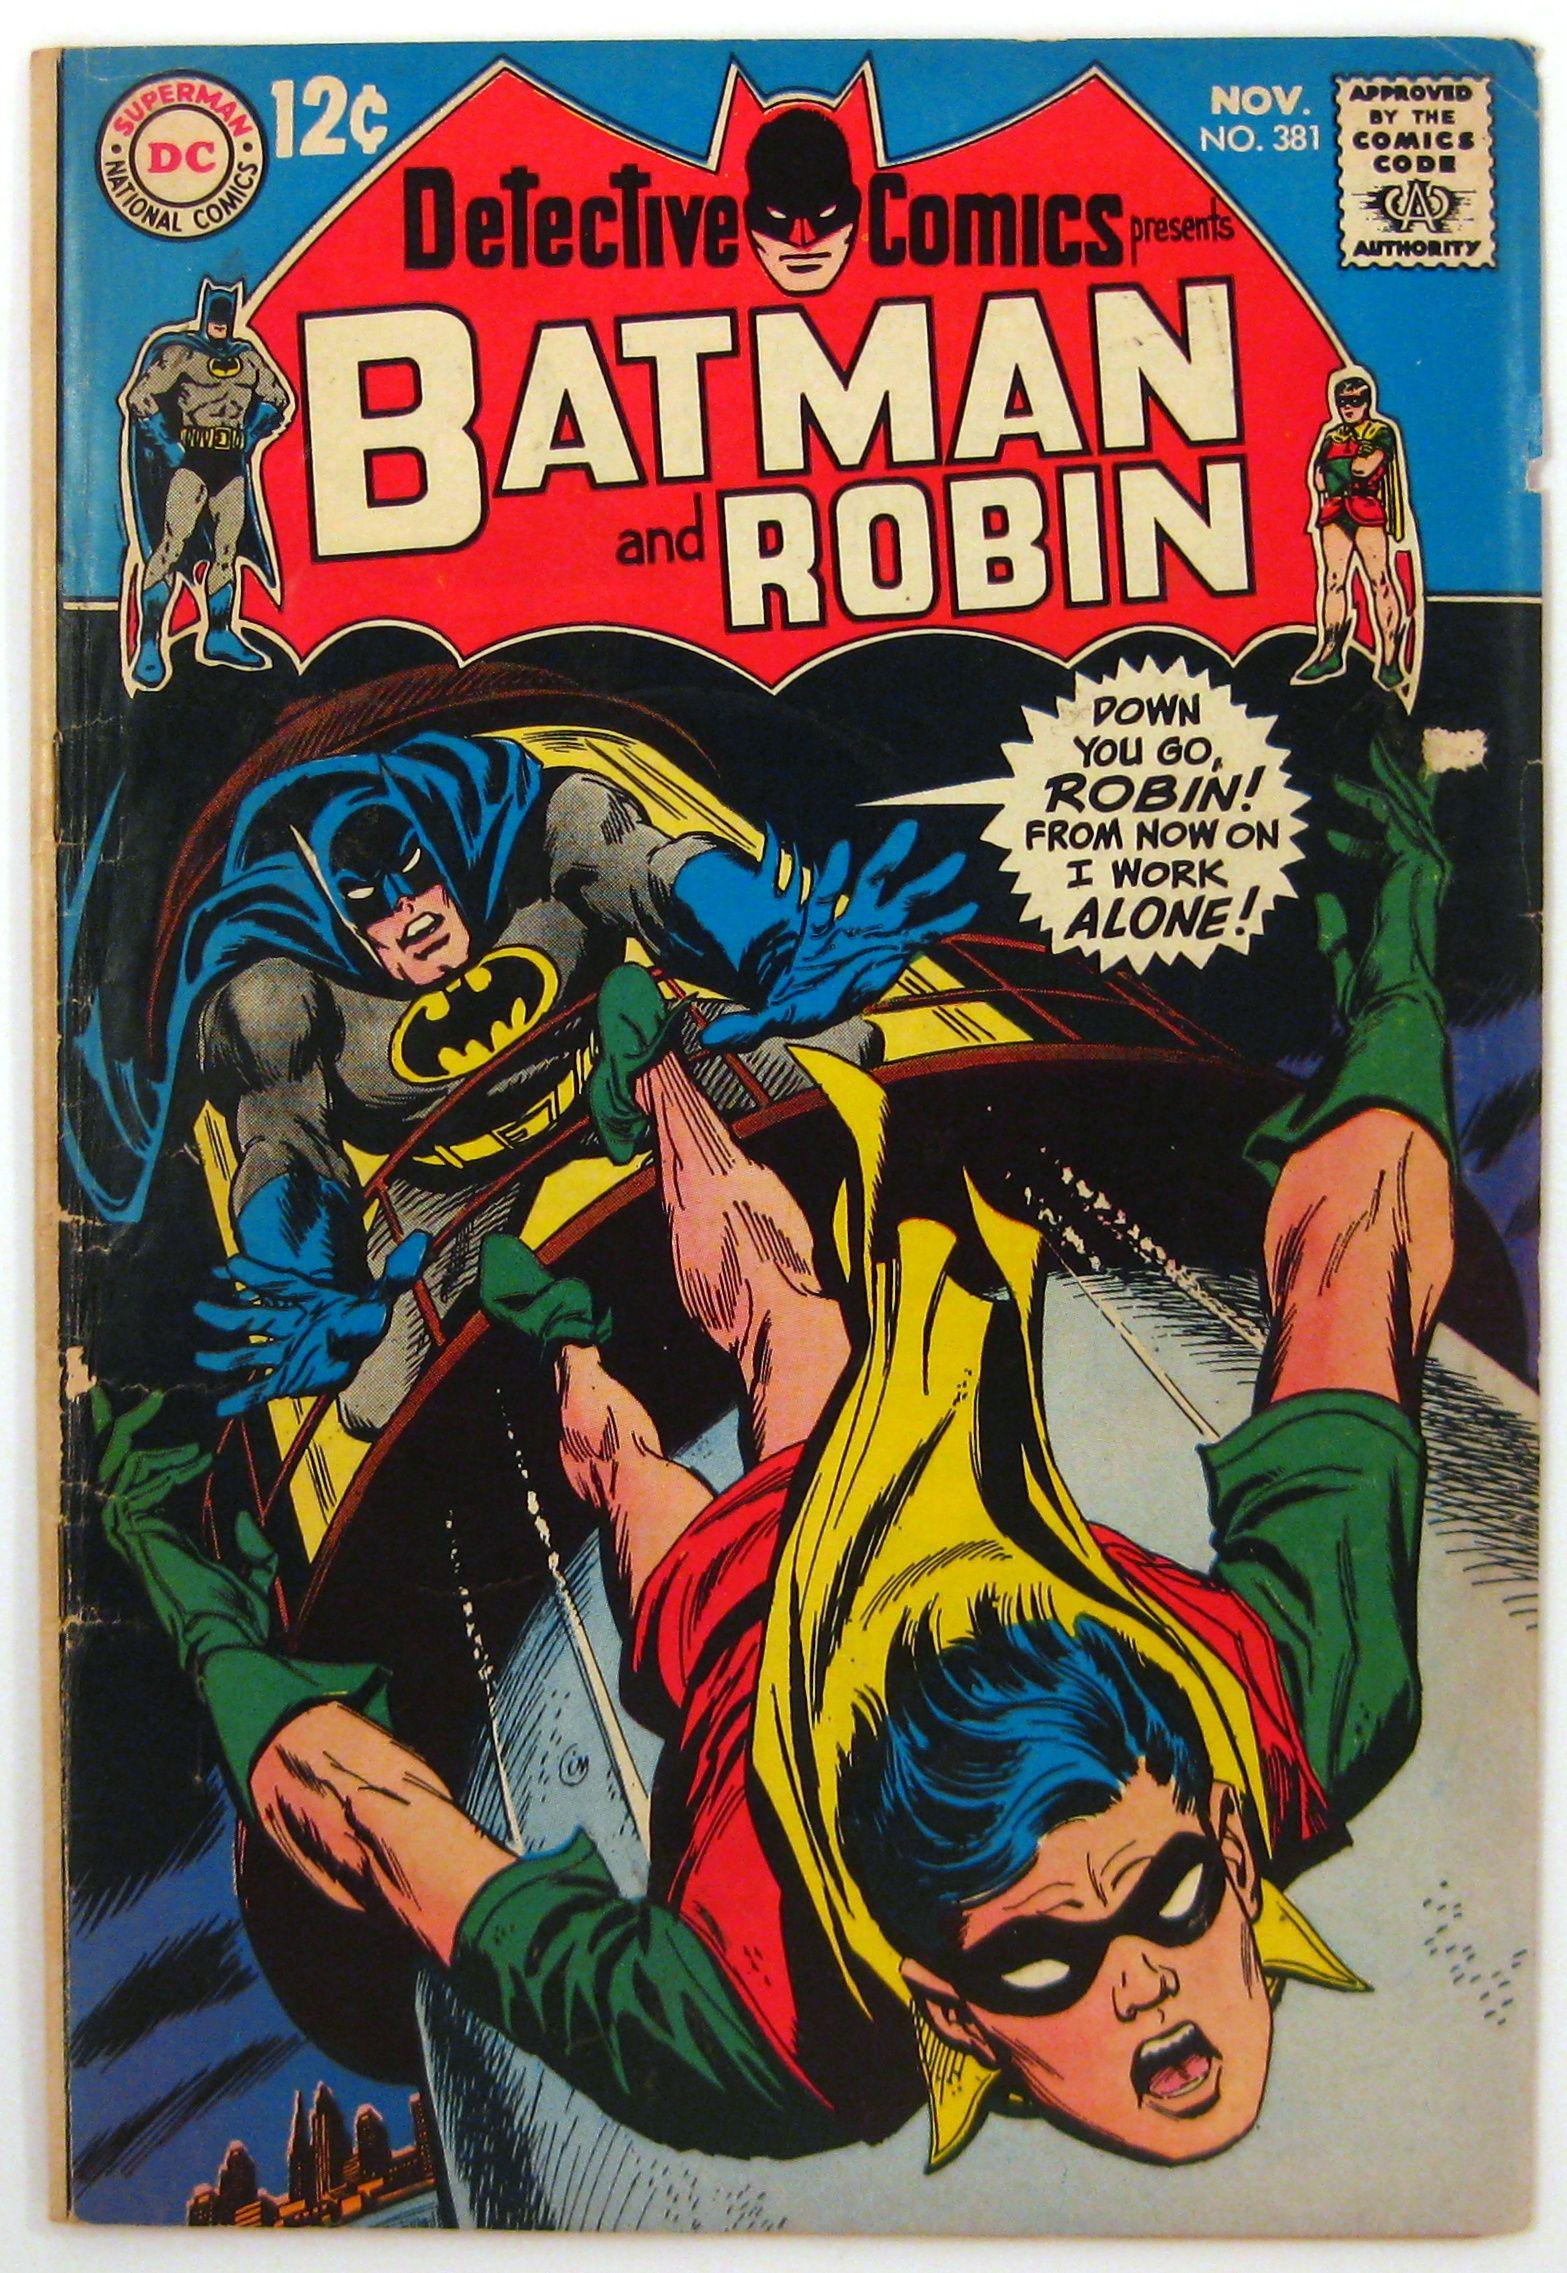 Detective Comics #381 Batman Robin Elongated Man DC Comics